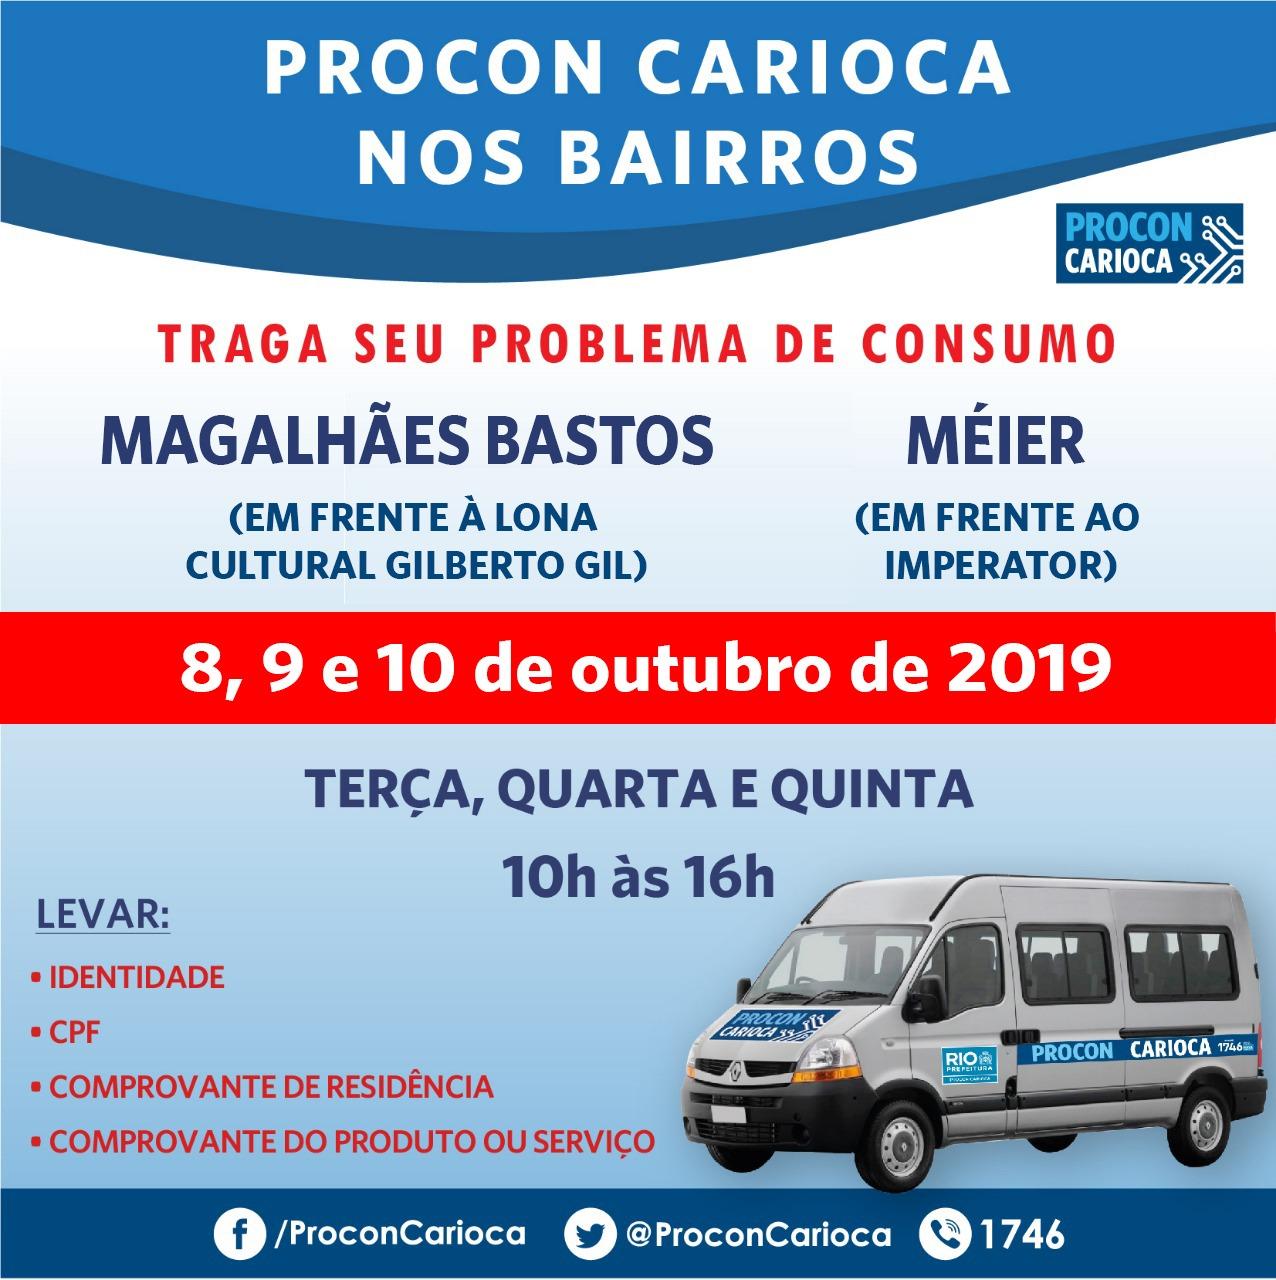 Procon Carioca atende em Magalhães Bastos e Méier